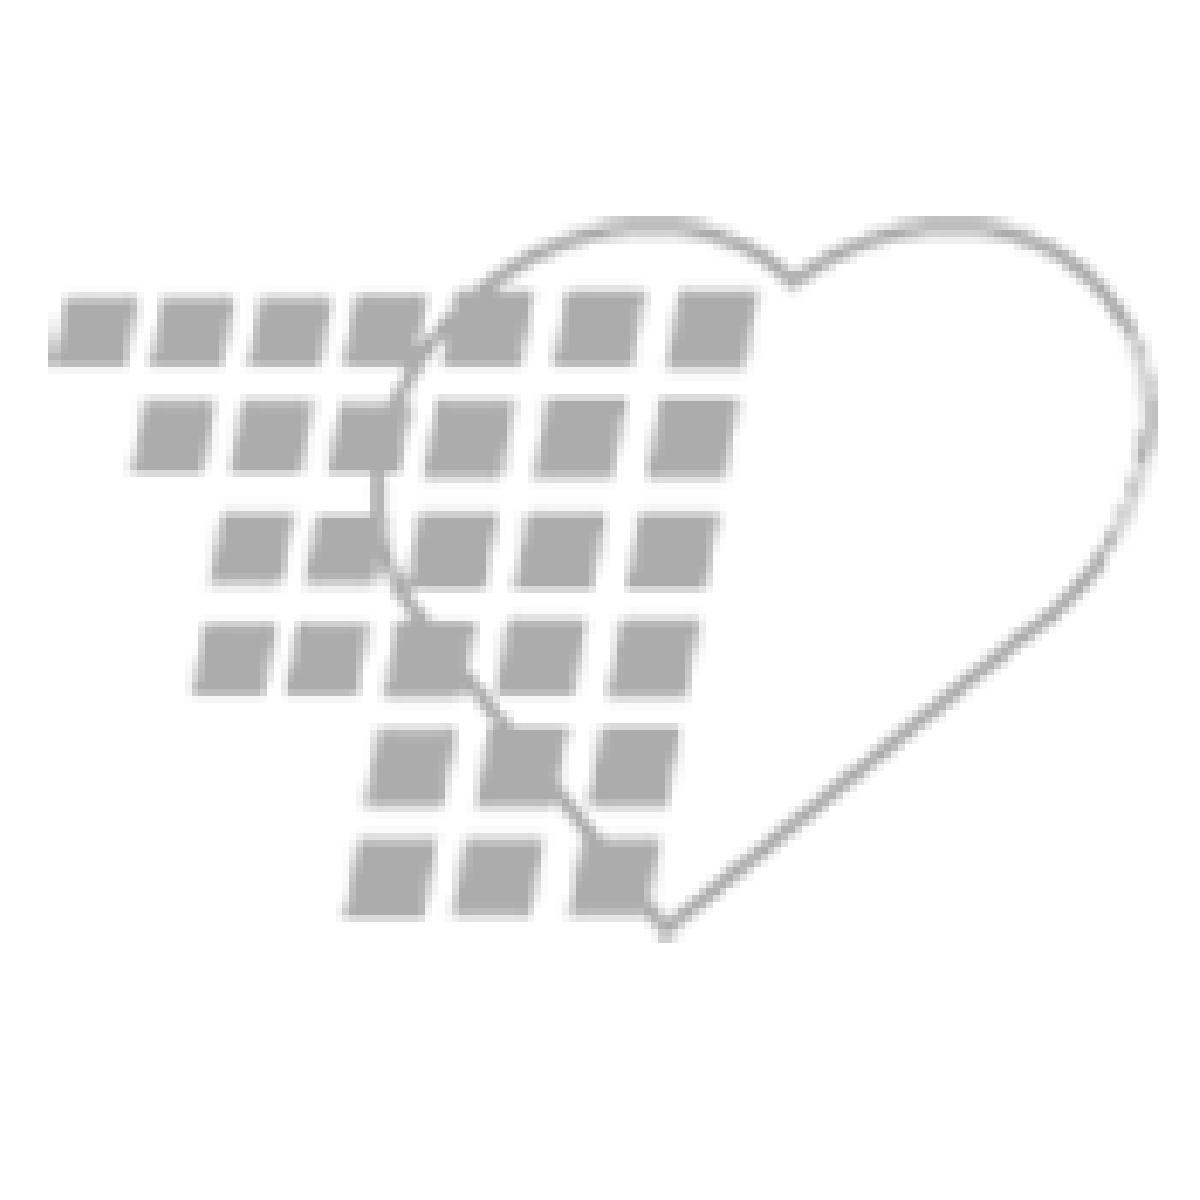 06-93-1330 - Demo Dose® MLK of Magnesi (MOM) 473 mL 1200 mg/15 mL